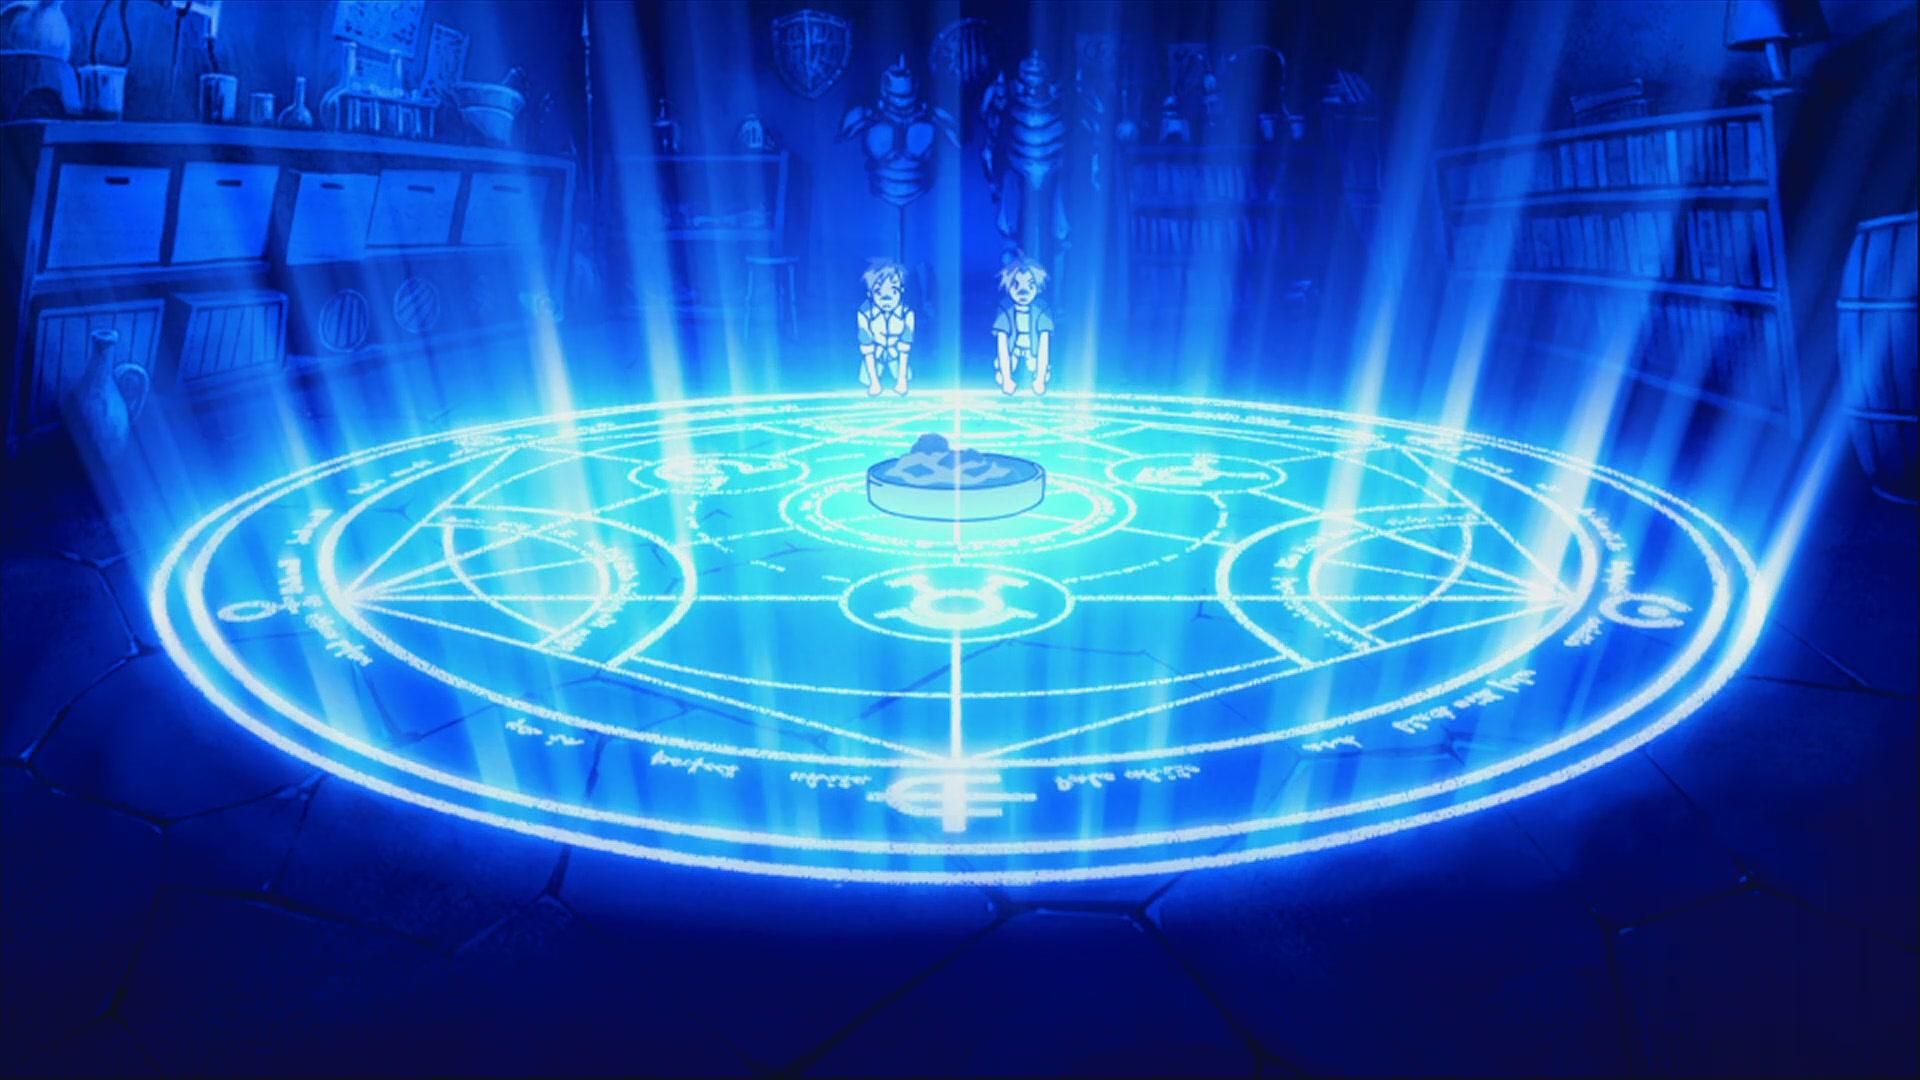 Fullmetal Alchemist Brotherhood wallpaper 11